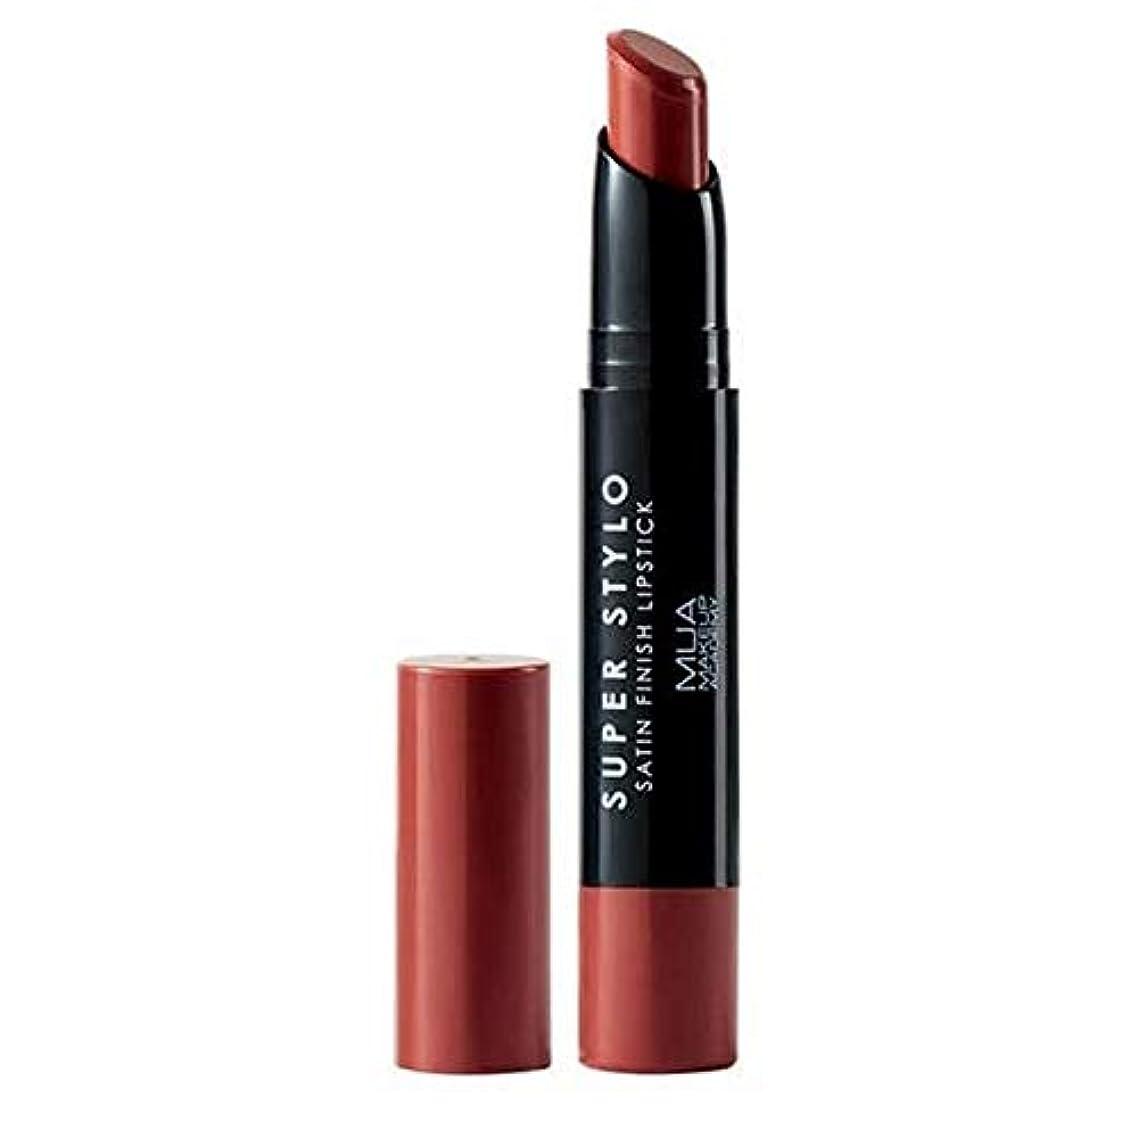 偶然のバトル平衡[MUA] MuaスーパーStylo口紅の主要005 - MUA Super Stylo Lipstick Major 005 [並行輸入品]